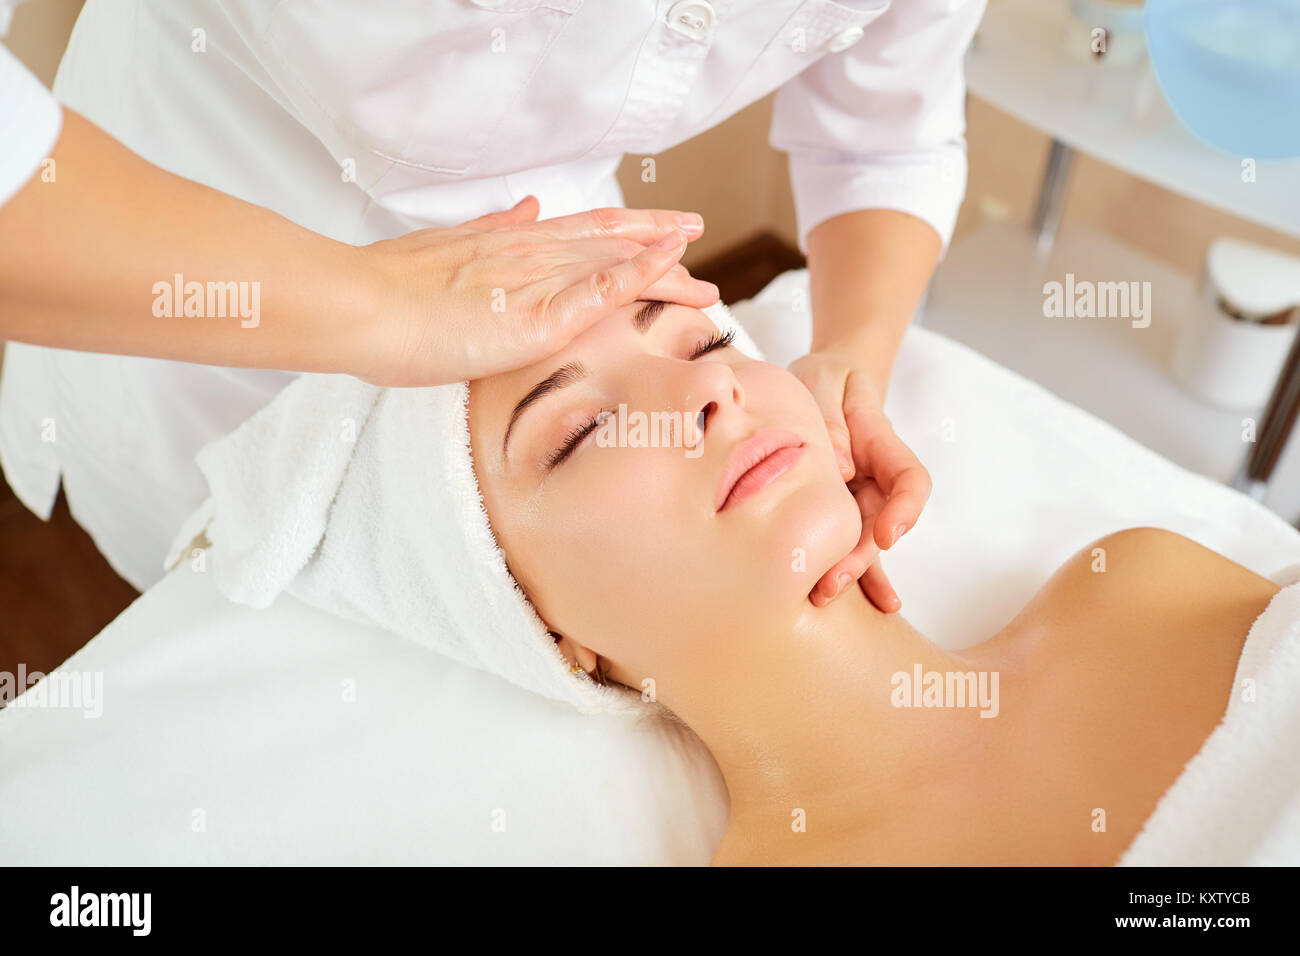 Bella mujer en un masaje facial. Imagen De Stock